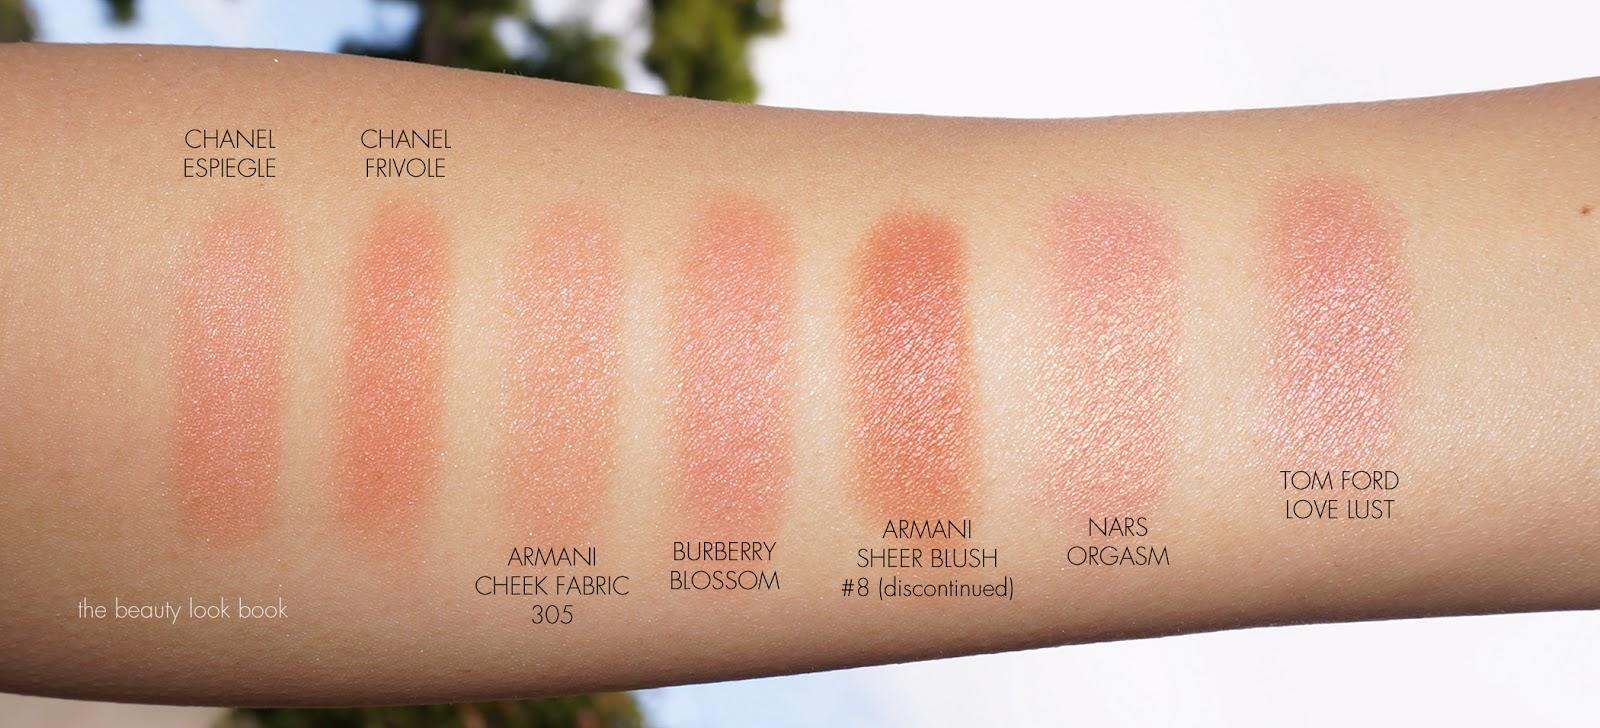 Cheek Fabric Powder Blush by Giorgio Armani Beauty #9